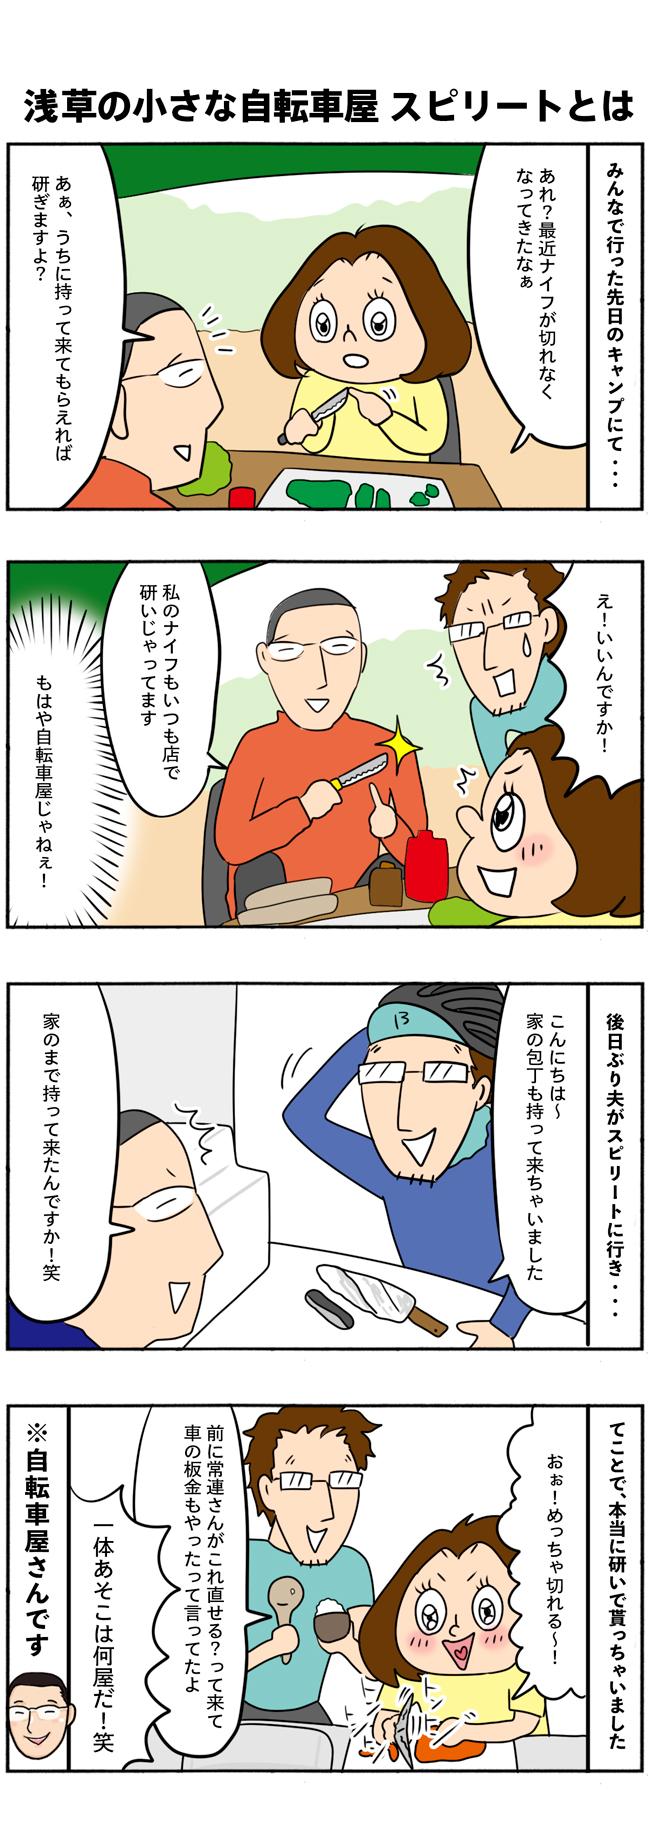 【四コマ漫画】常連の特権!(?)浅草の小さな自転車屋スピリートとは・・・